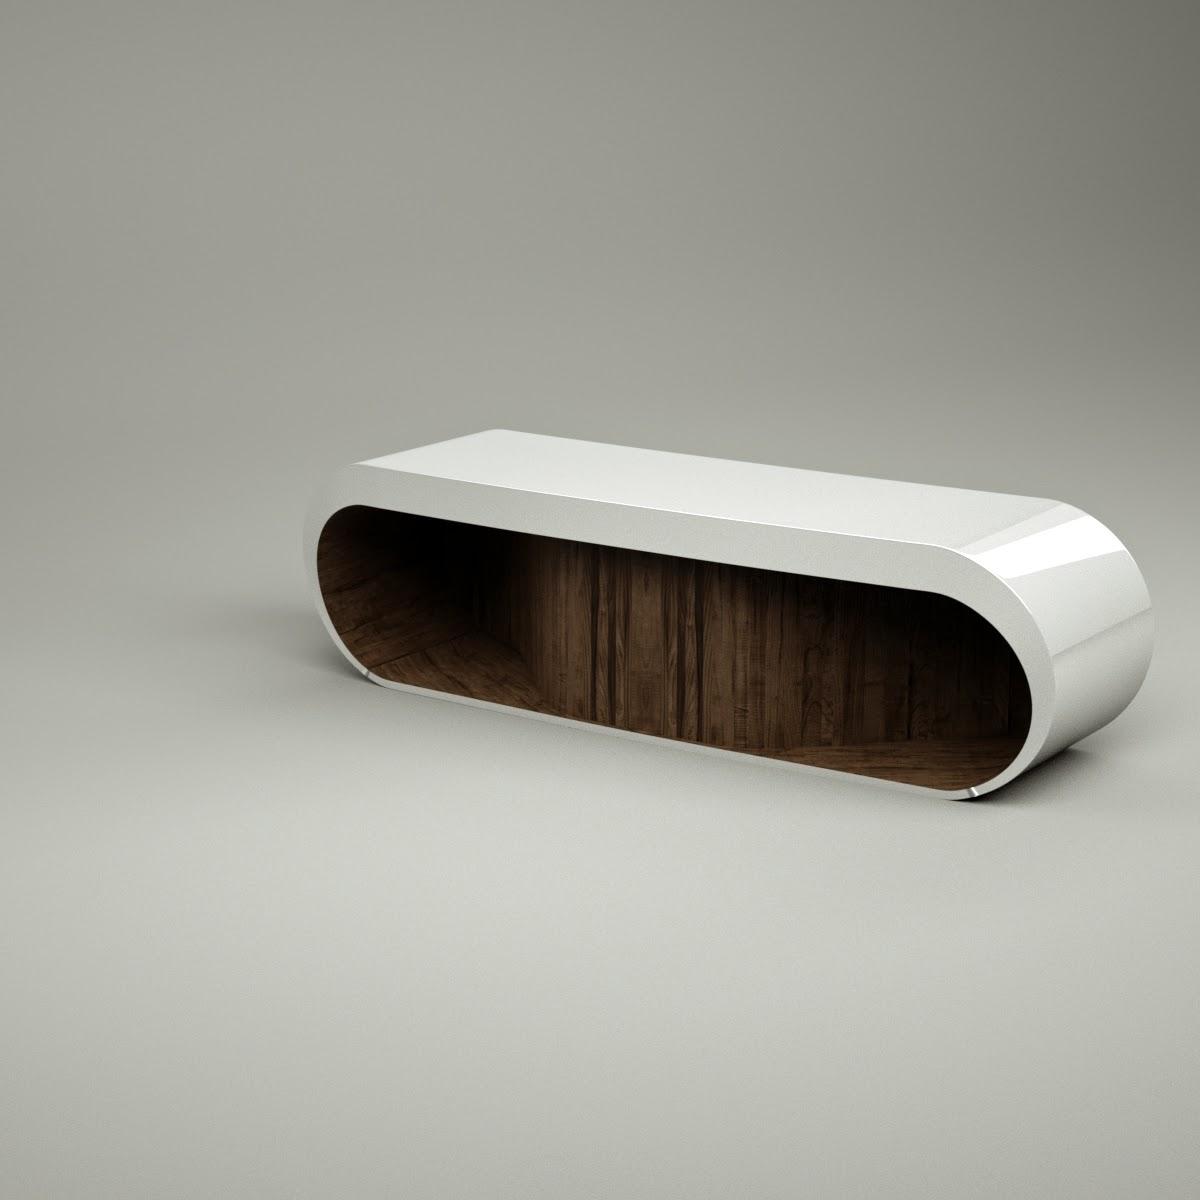 Go Desk 3D Model Download fbx obj dxf blend